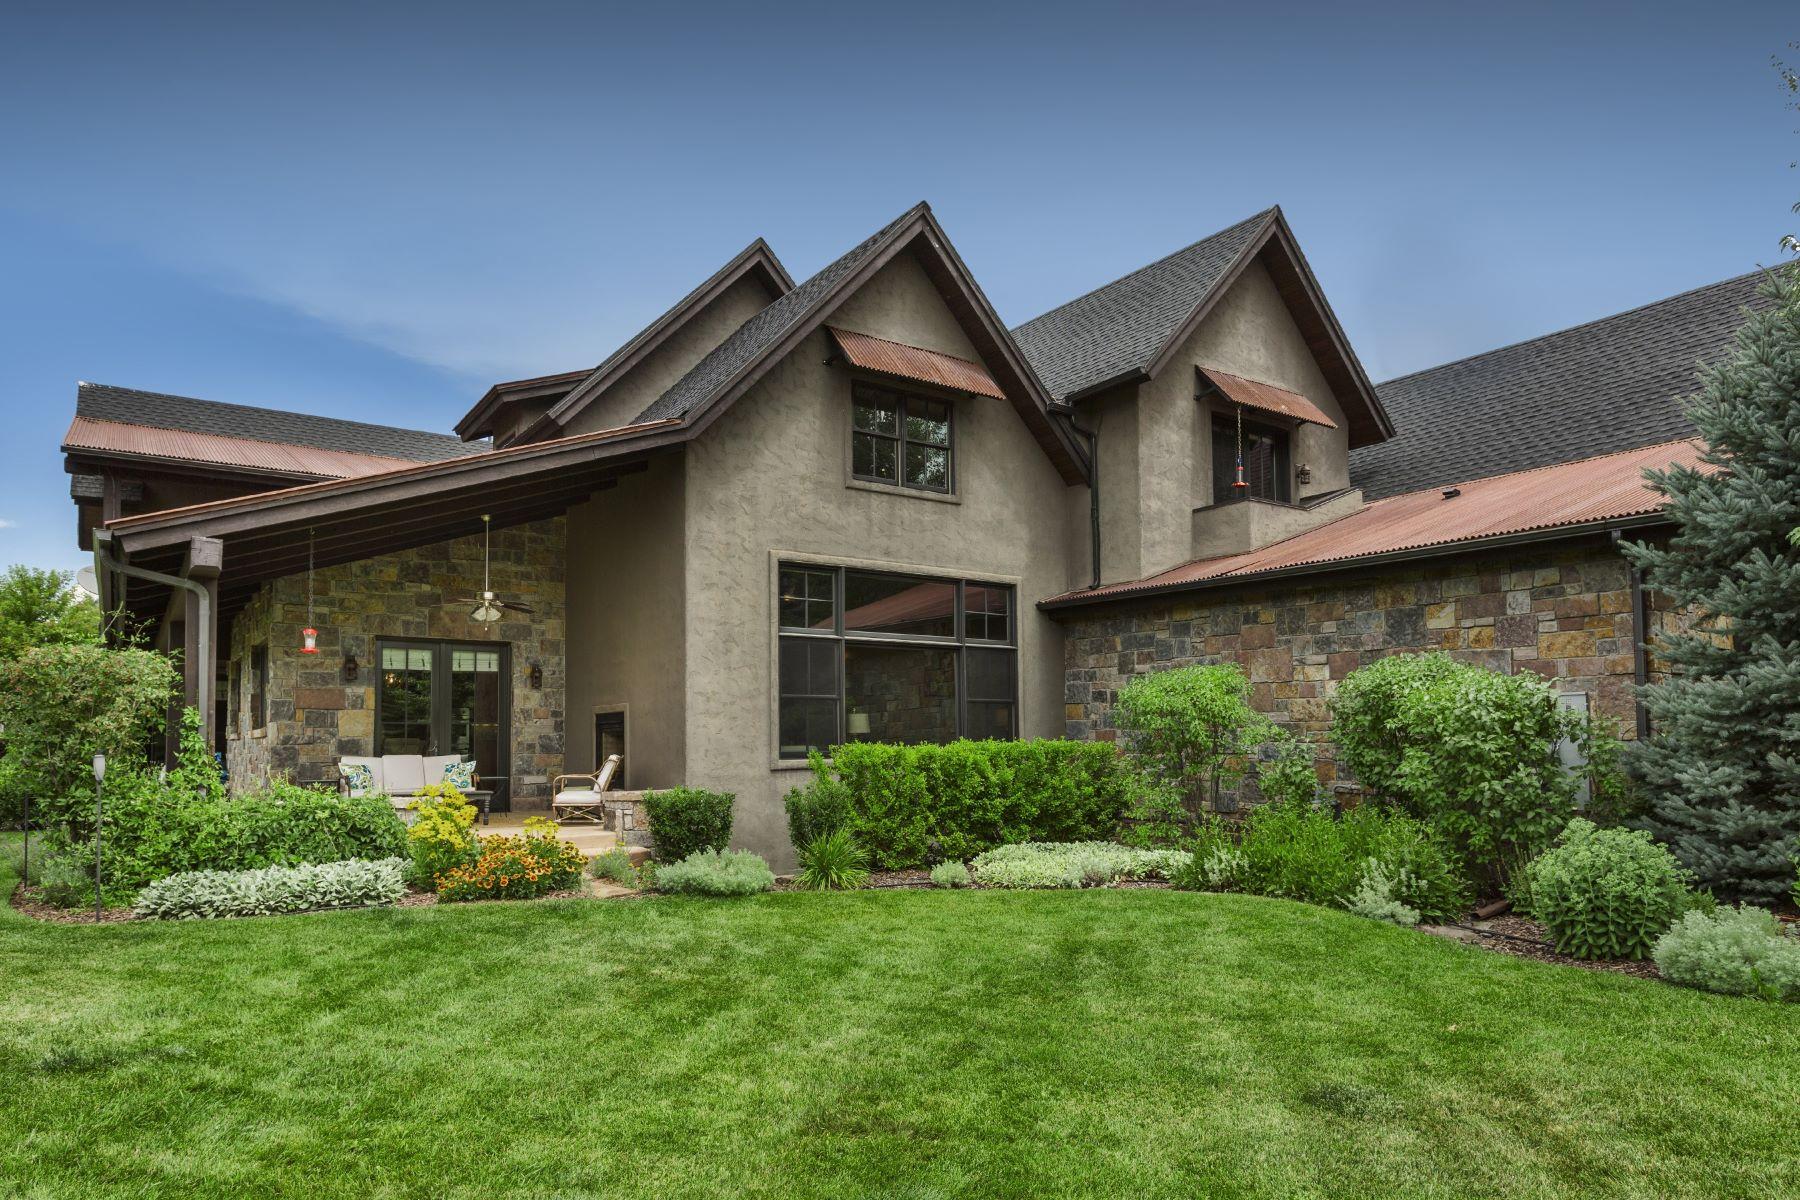 Duplo para Venda às Spacious Home 289 Sweetgrass Drive Carbondale, Colorado, 81623 Estados Unidos